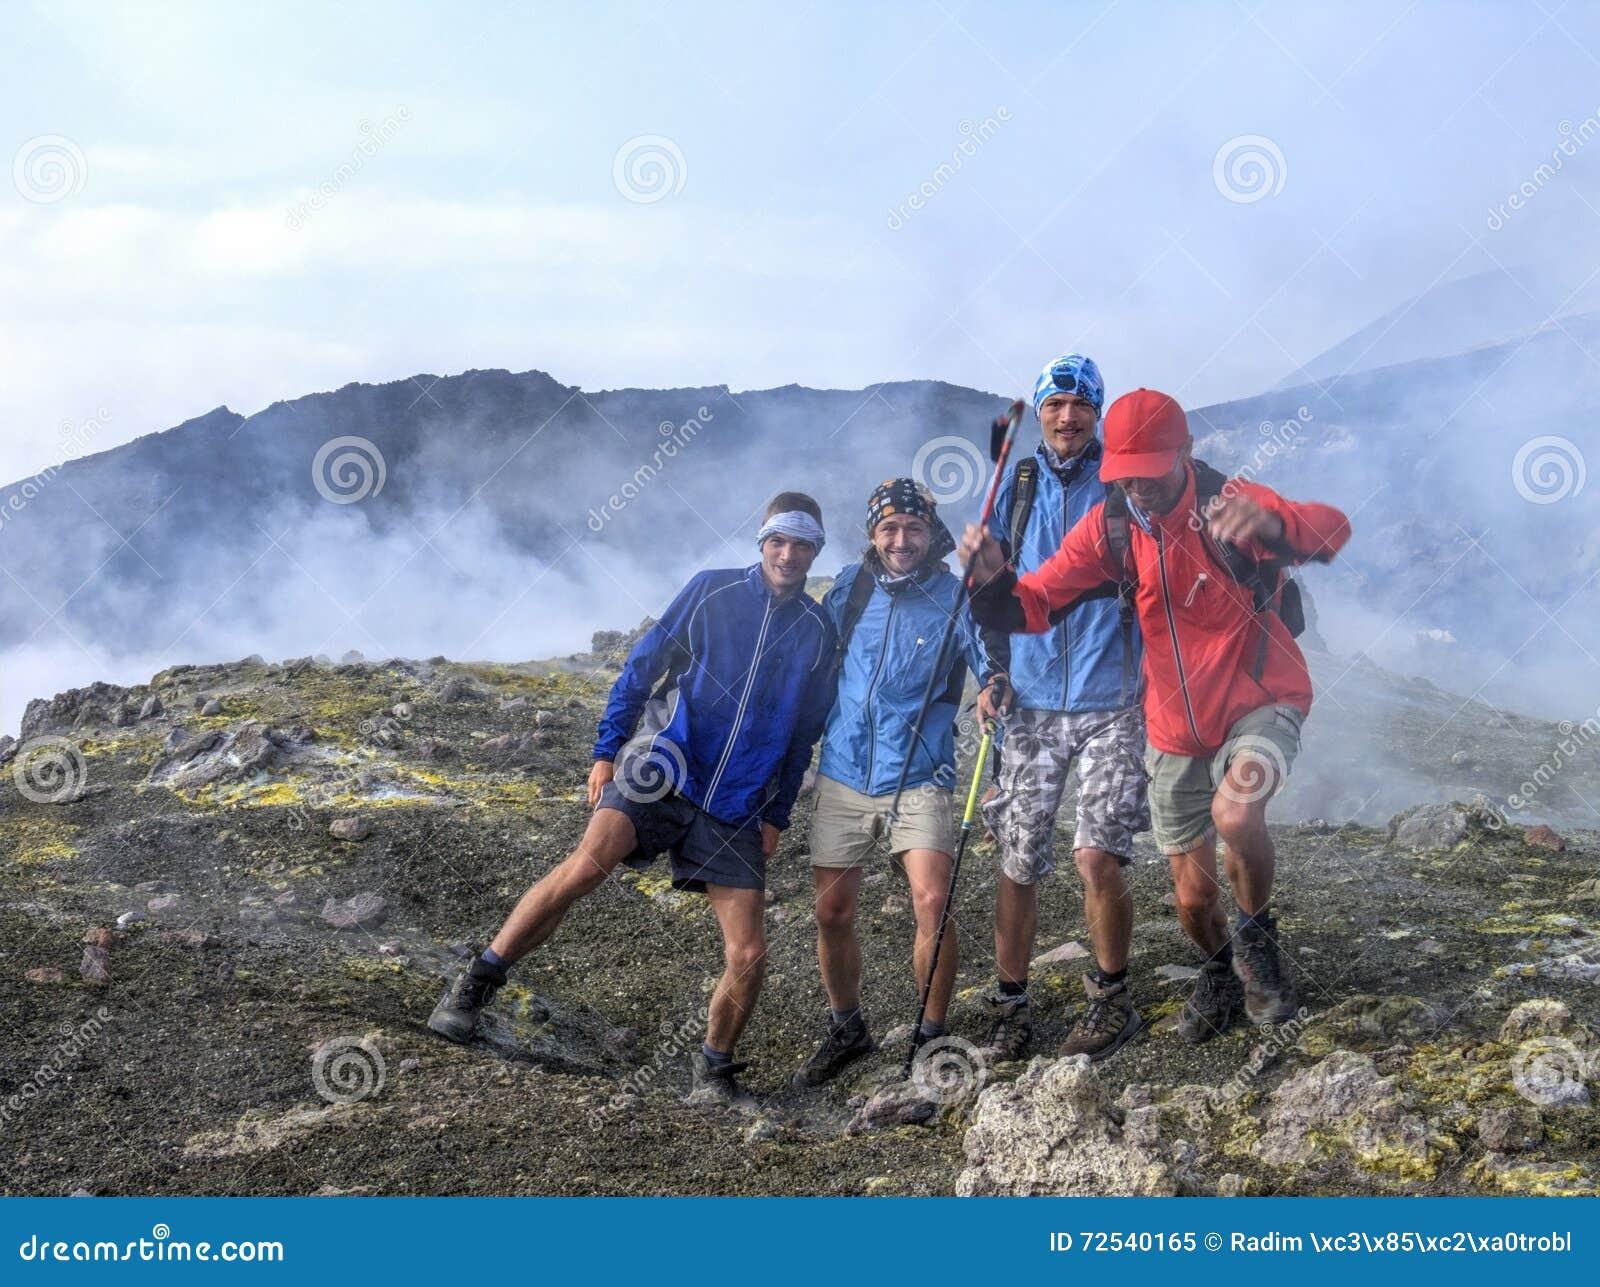 Foto op de top van Etna door zwavelgas dat wordt gestoord